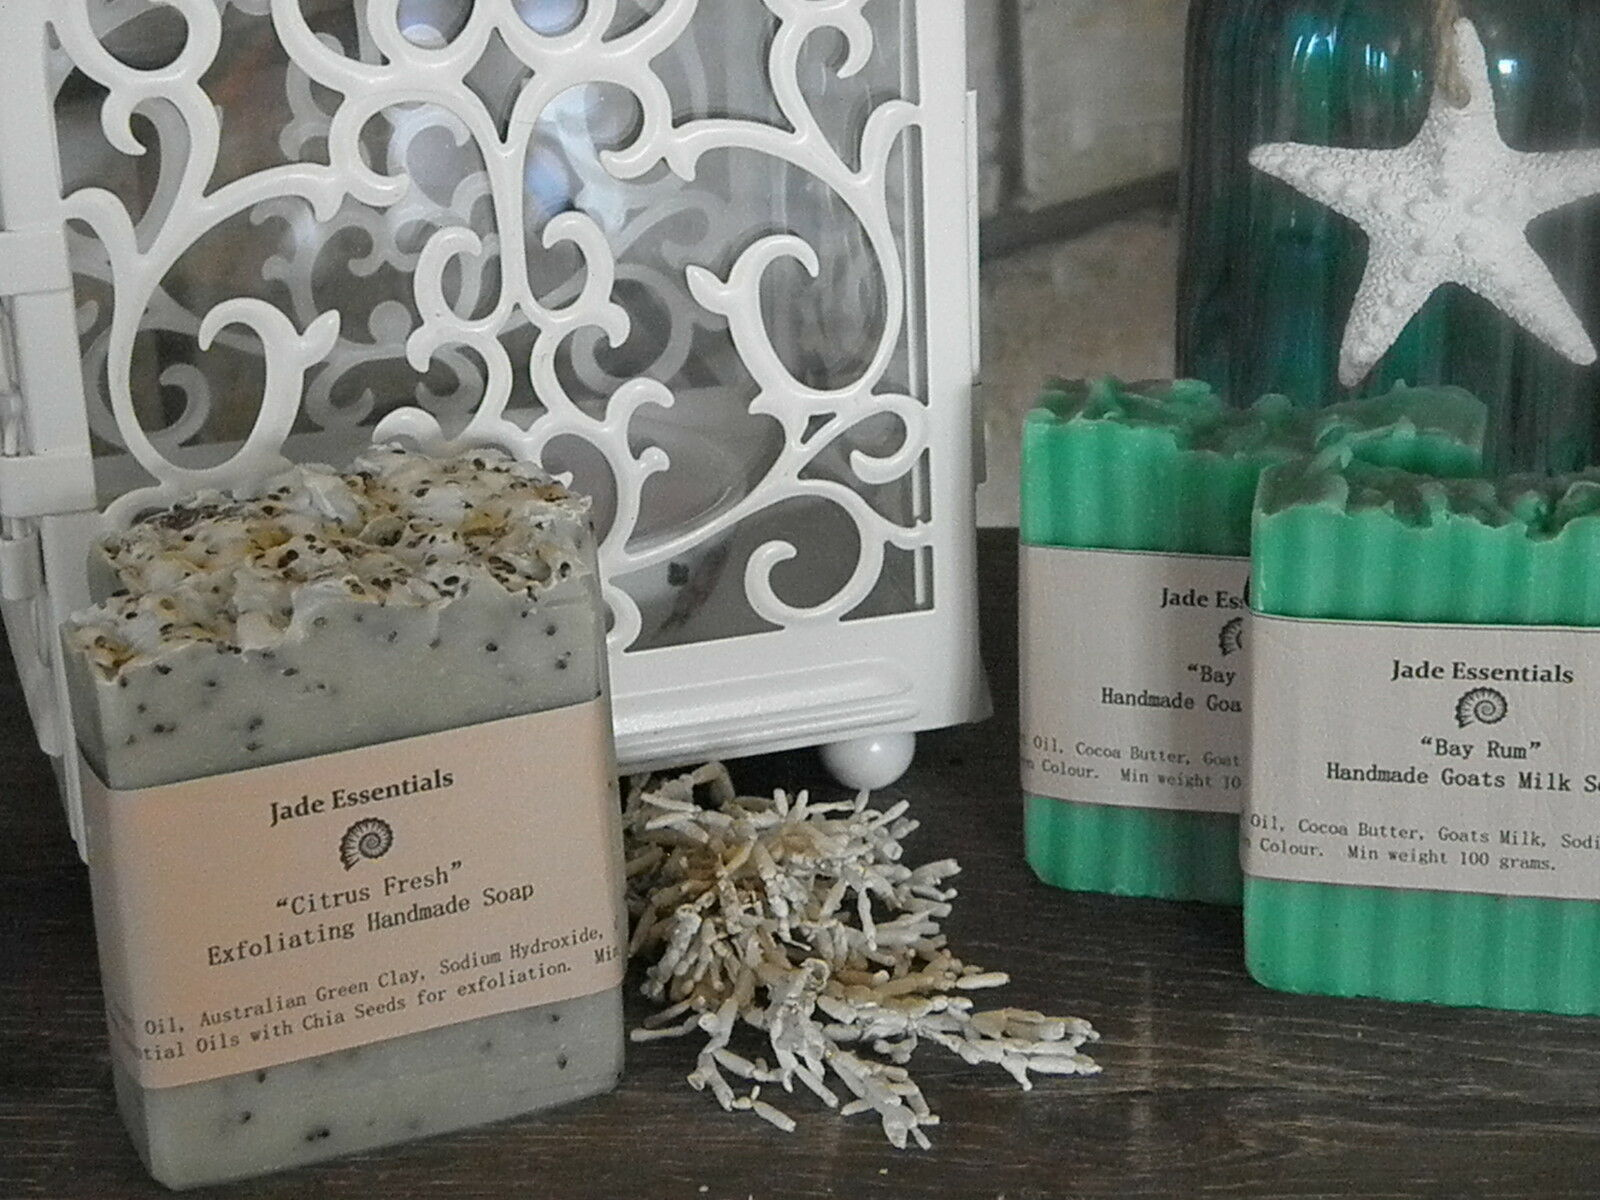 Jade Essentials